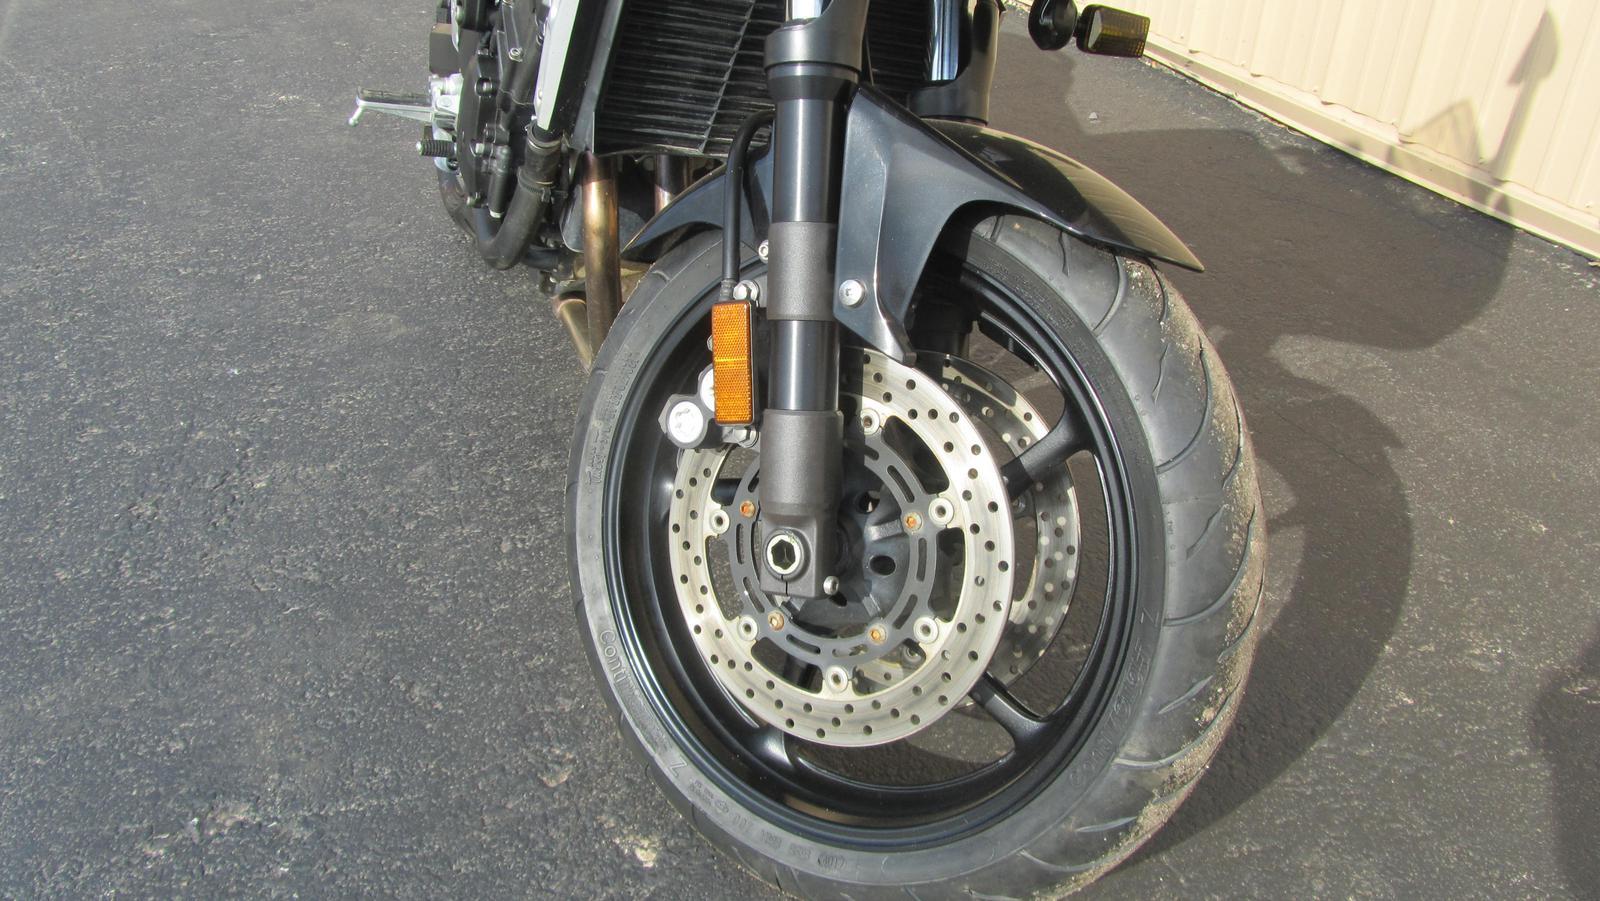 2008 Yamaha FZ6